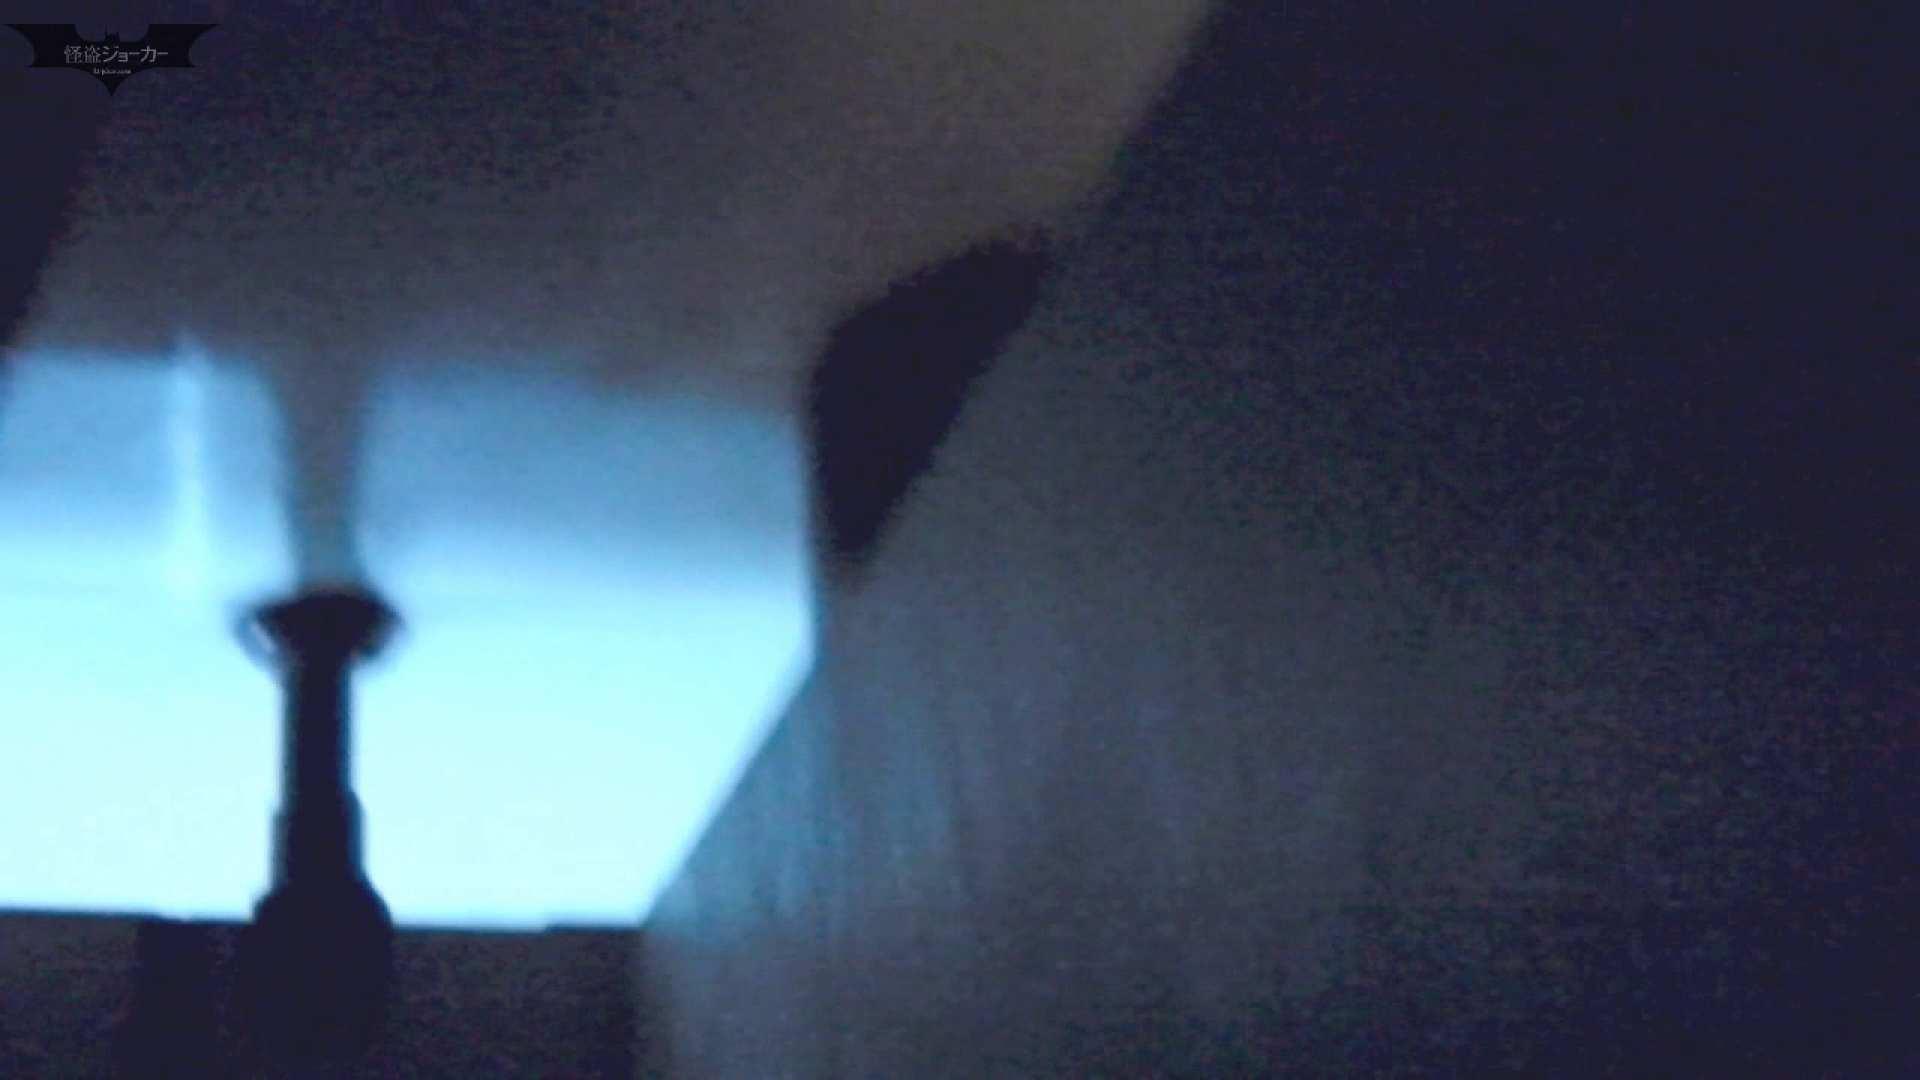 新世界の射窓 No61来ました!「ビジョビジョ」の美女達が・・・ 胸チラ・のぞき おまんこ無修正動画無料 104枚 103